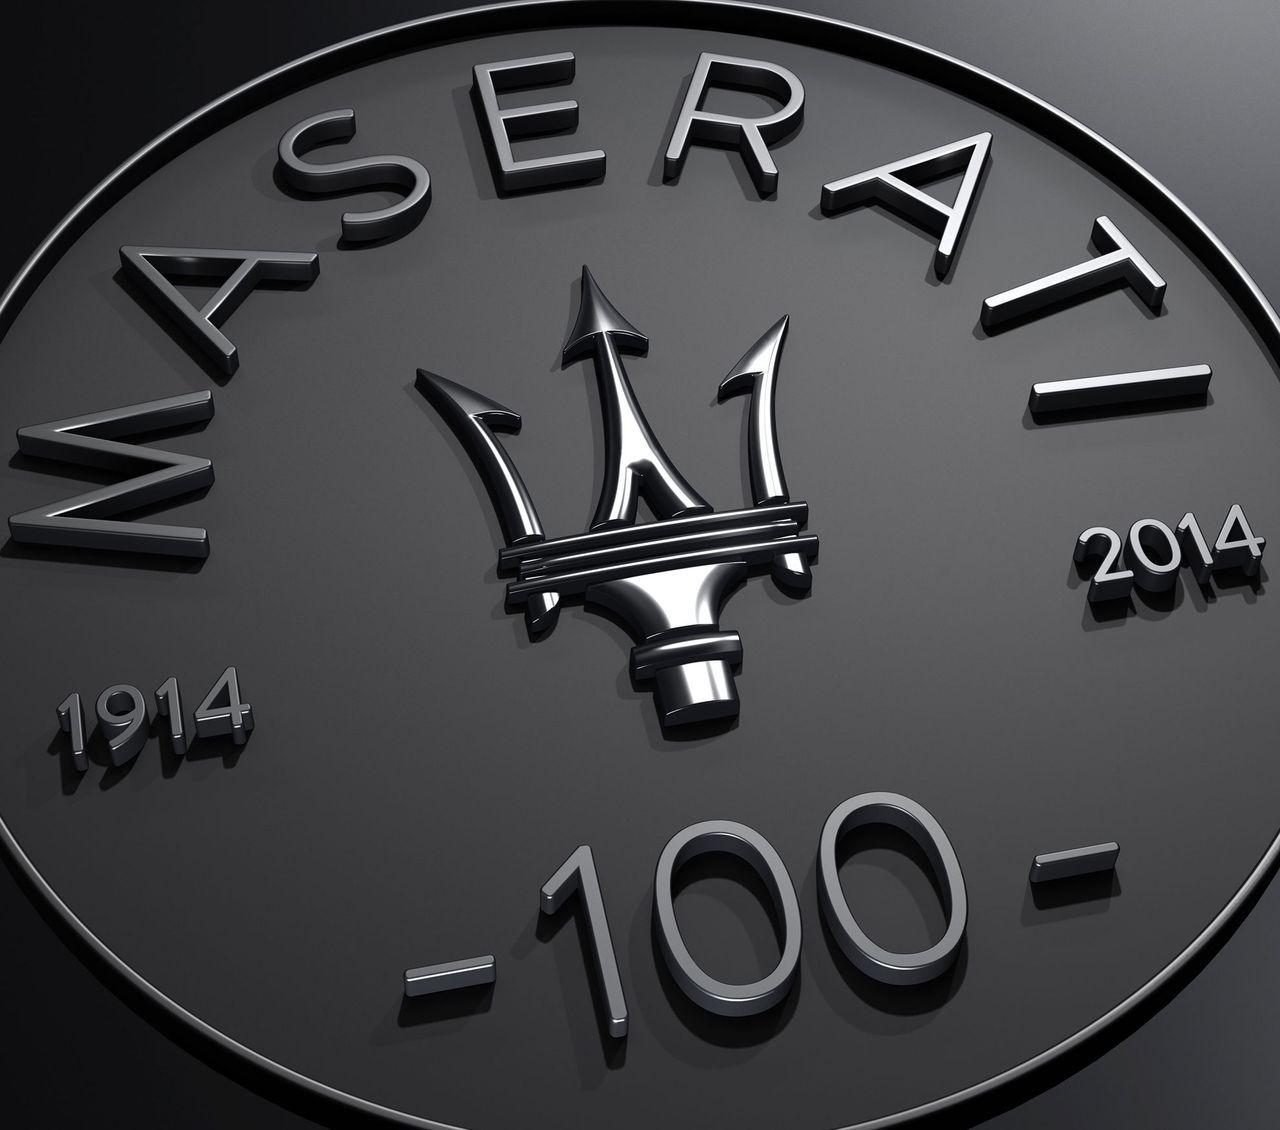 ITALIA Maserati, Maserati ghibli, Car logos